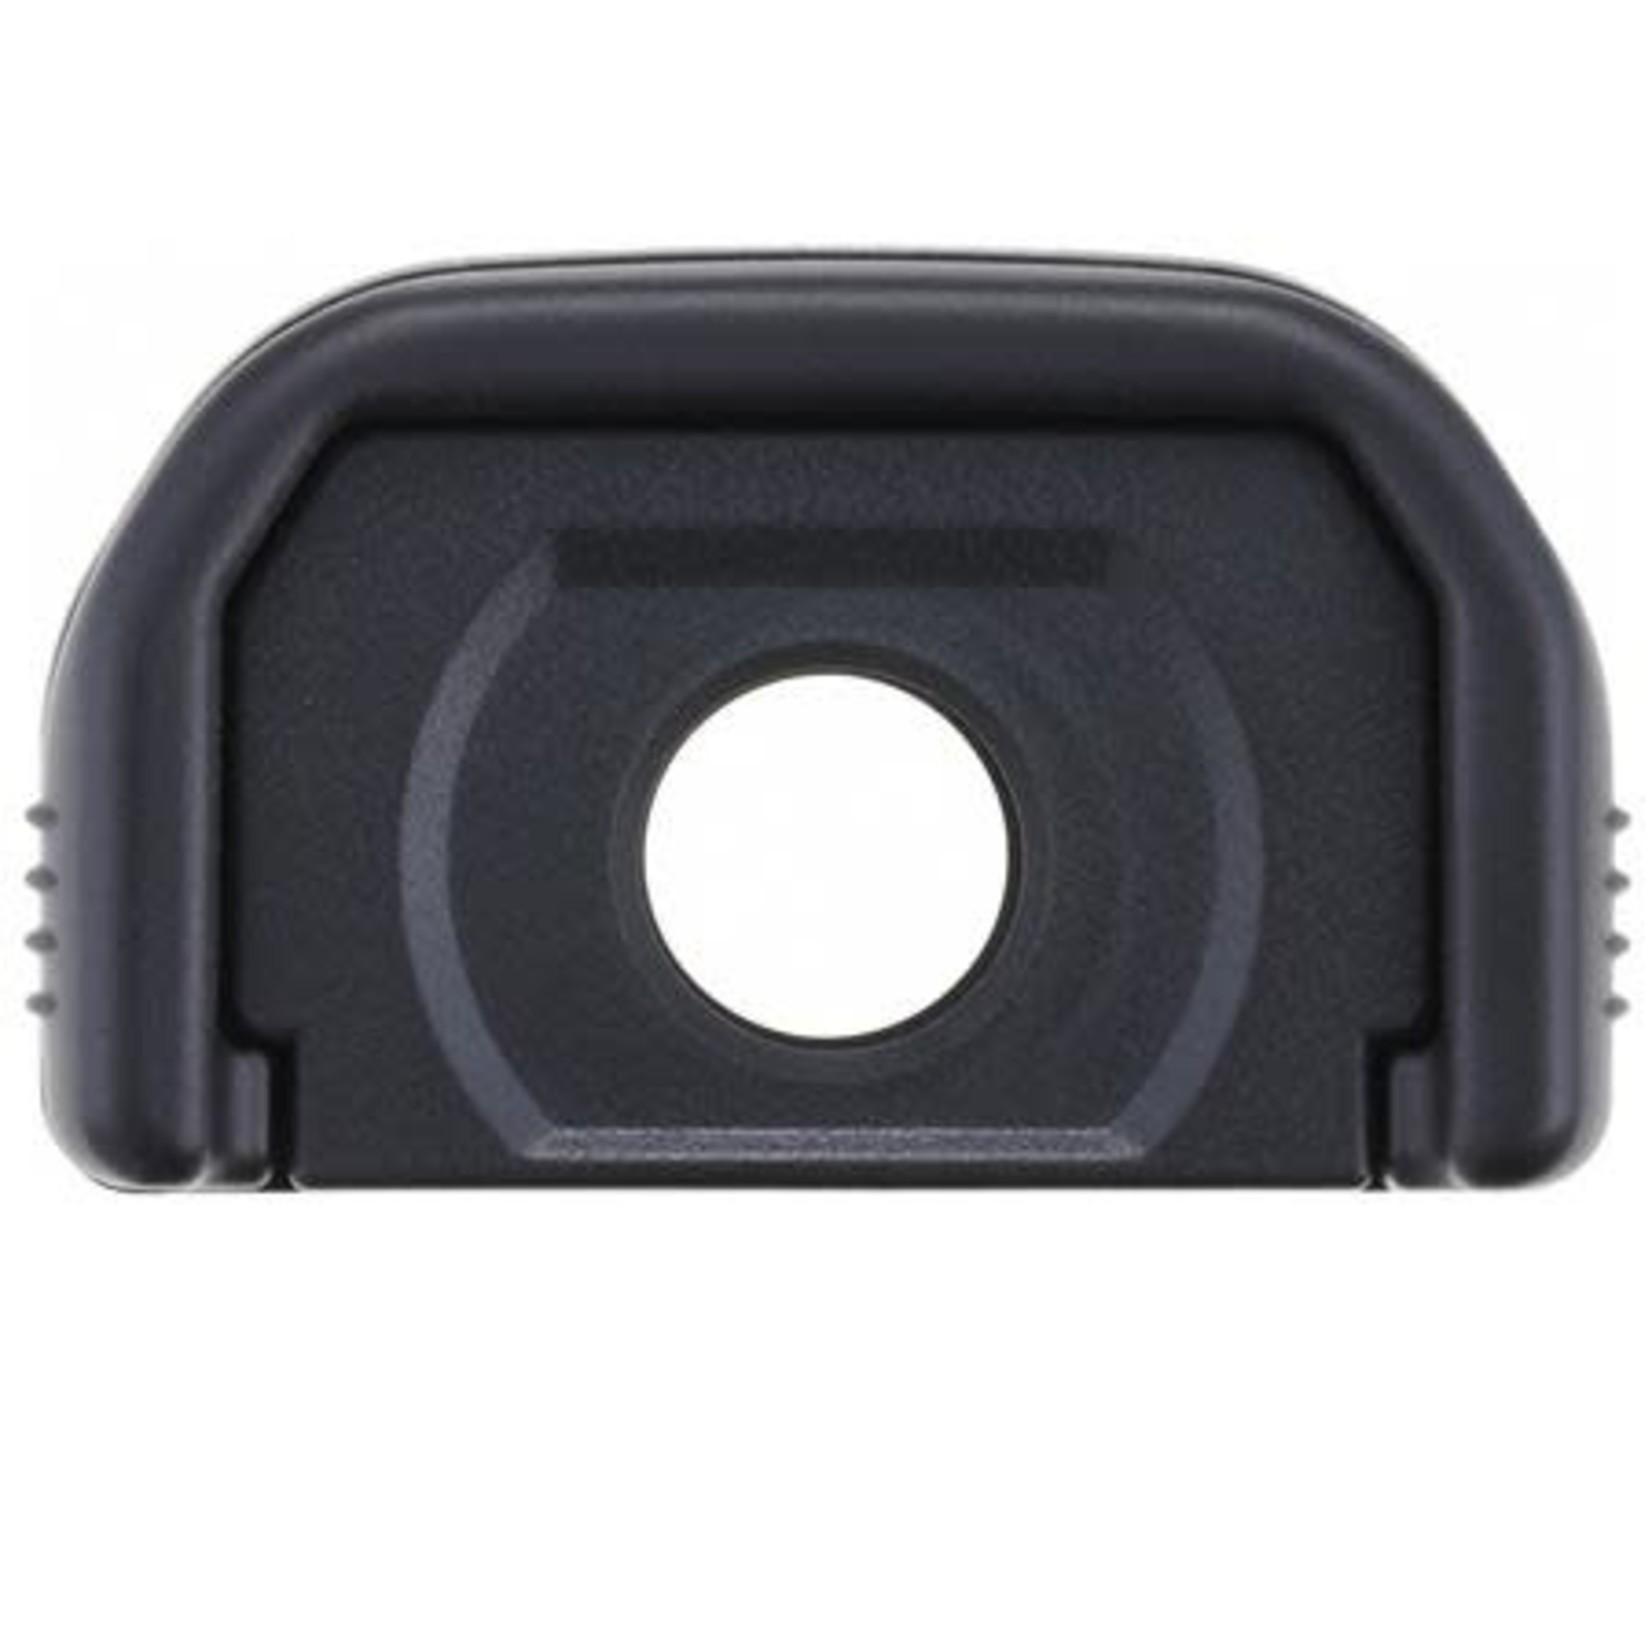 Canon Canon MG-Ef Magnifier Eyepiece